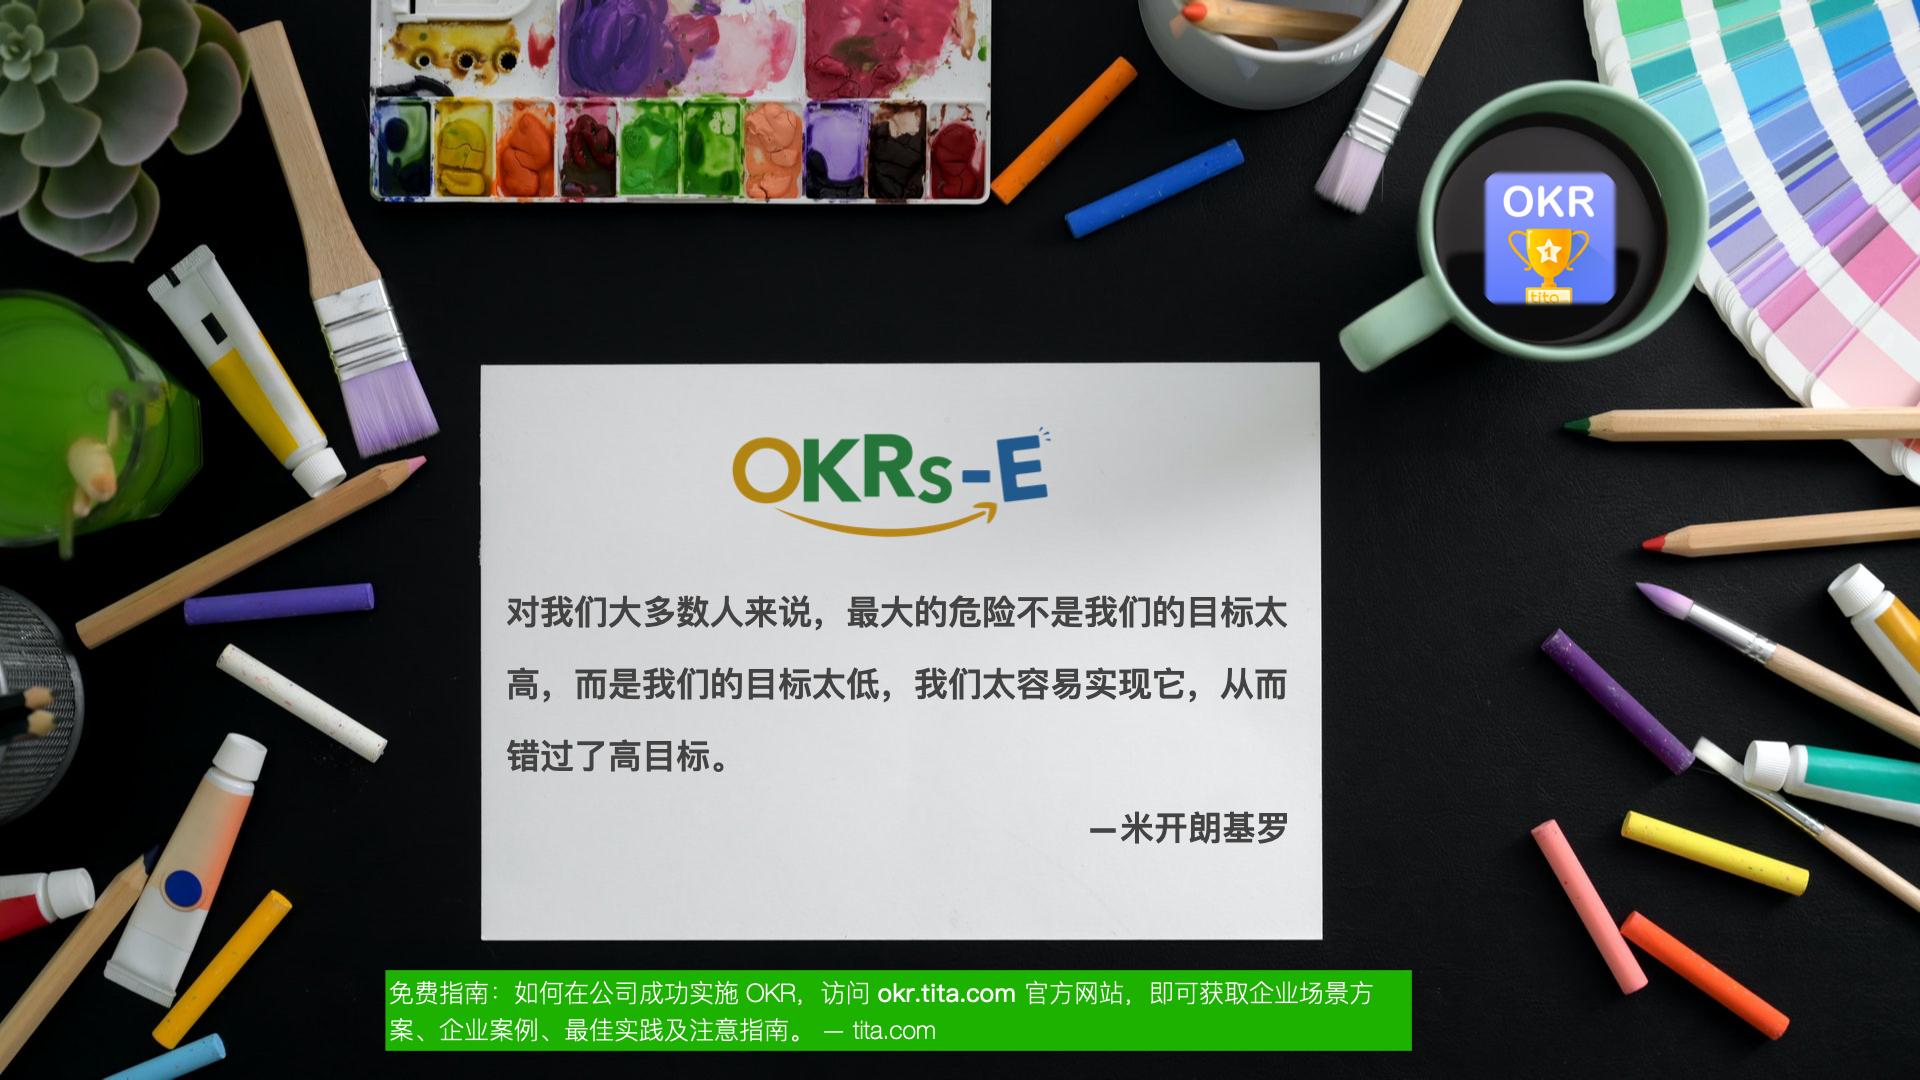 OKR究竟是什么?